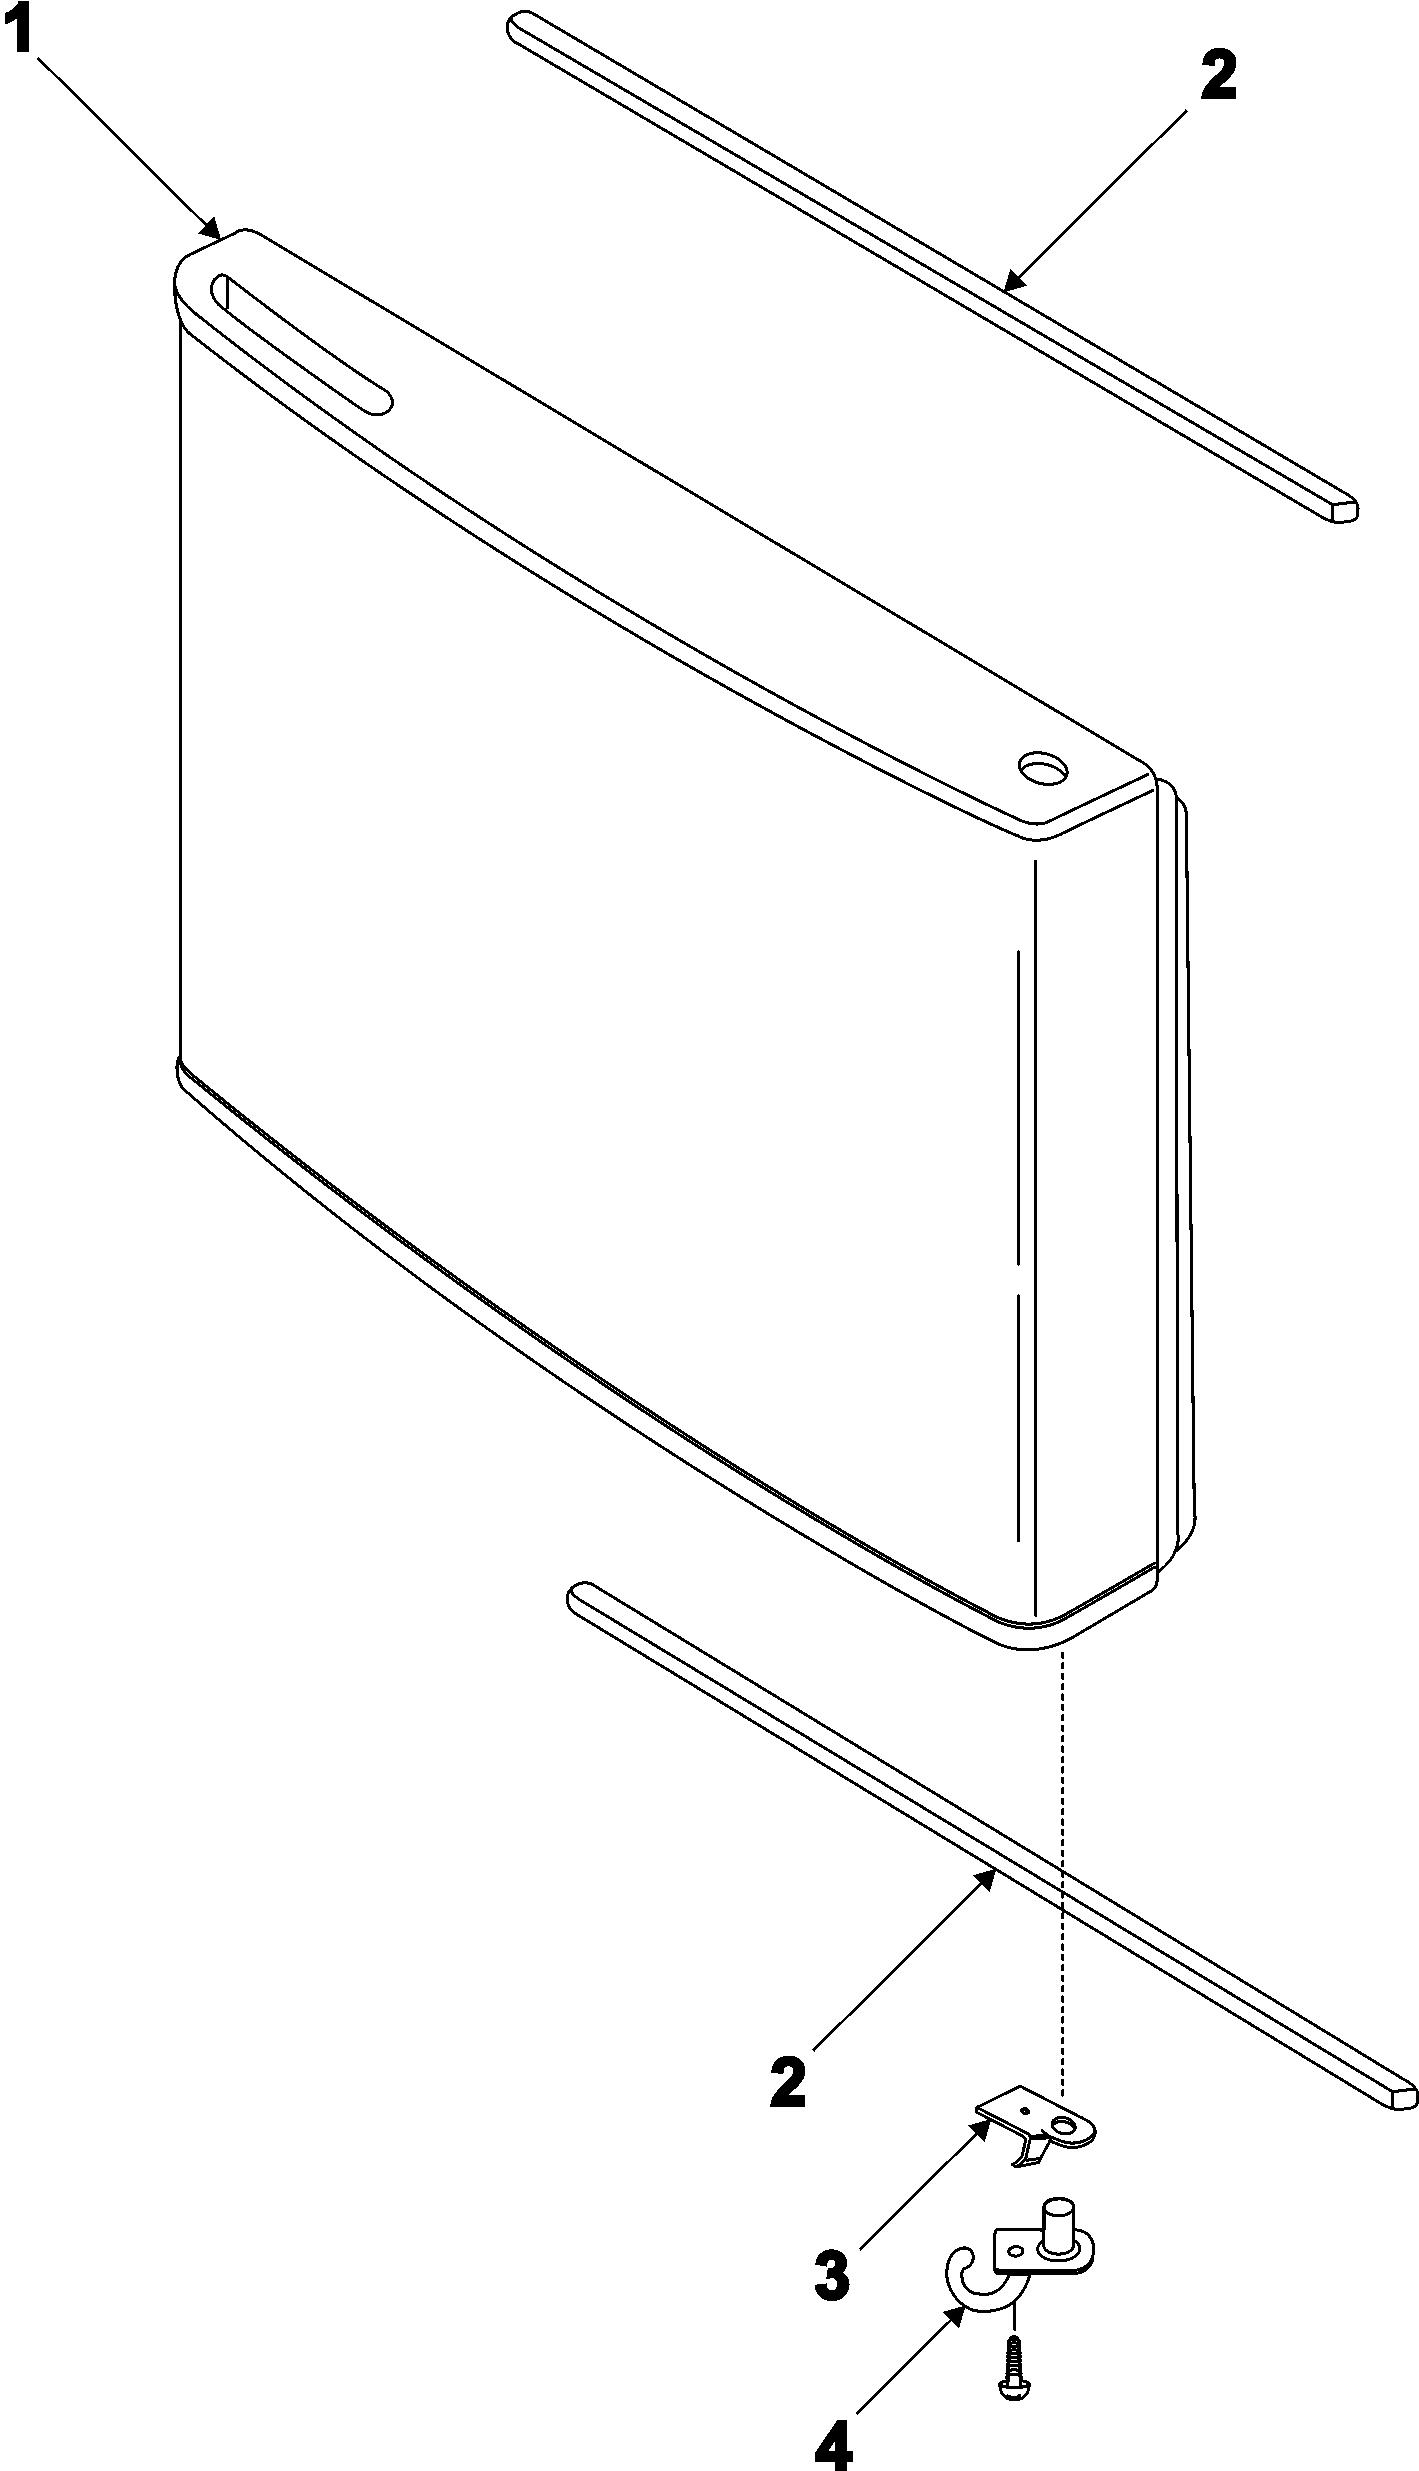 Samsung  Refrigerator  Freezer door